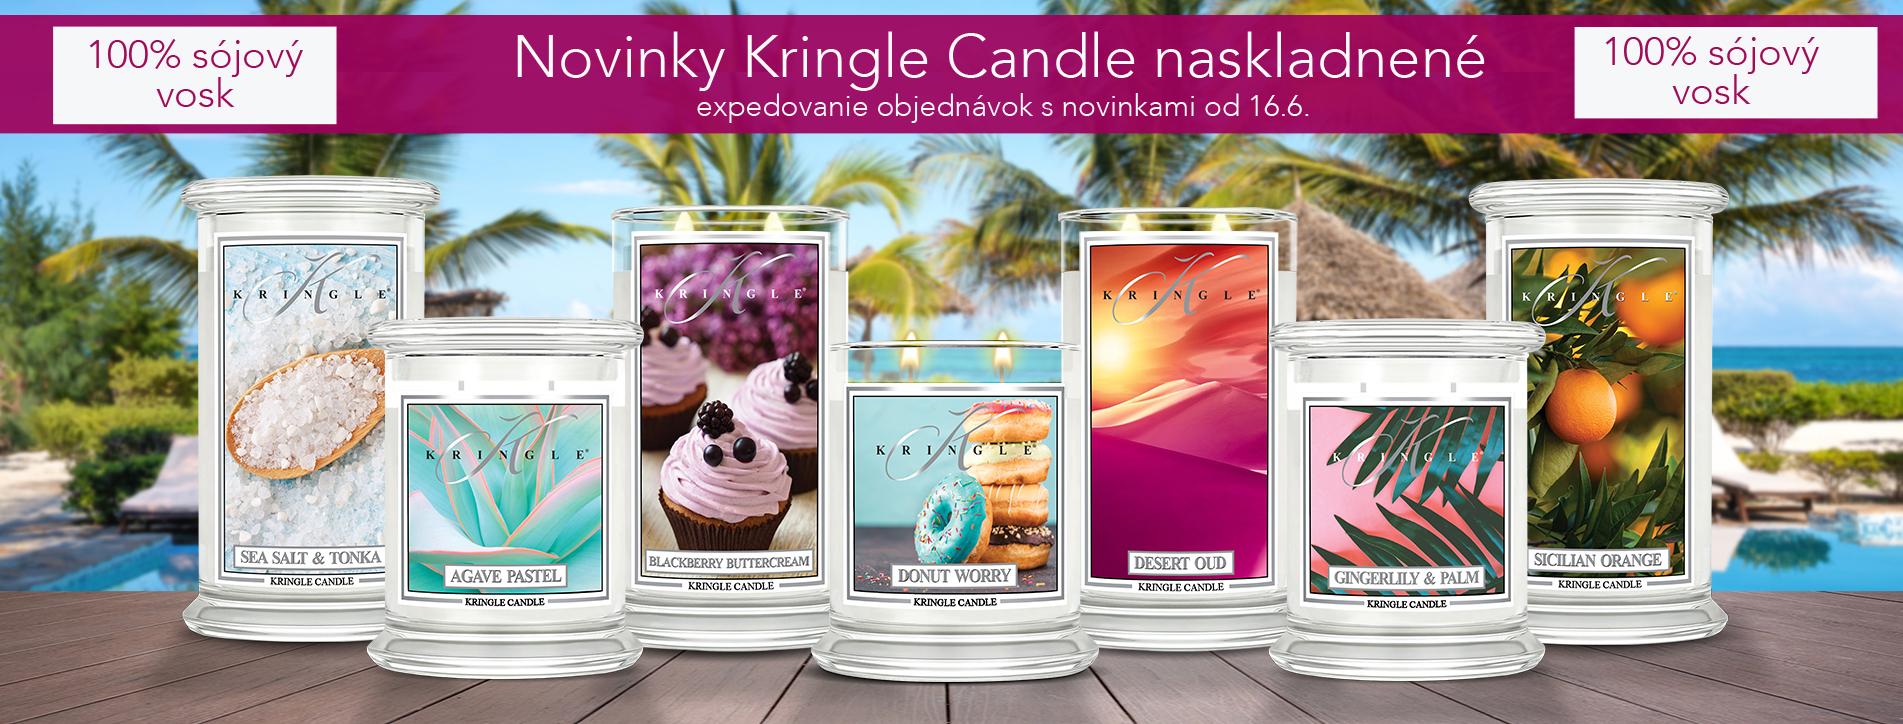 Novinky Kringle Candle